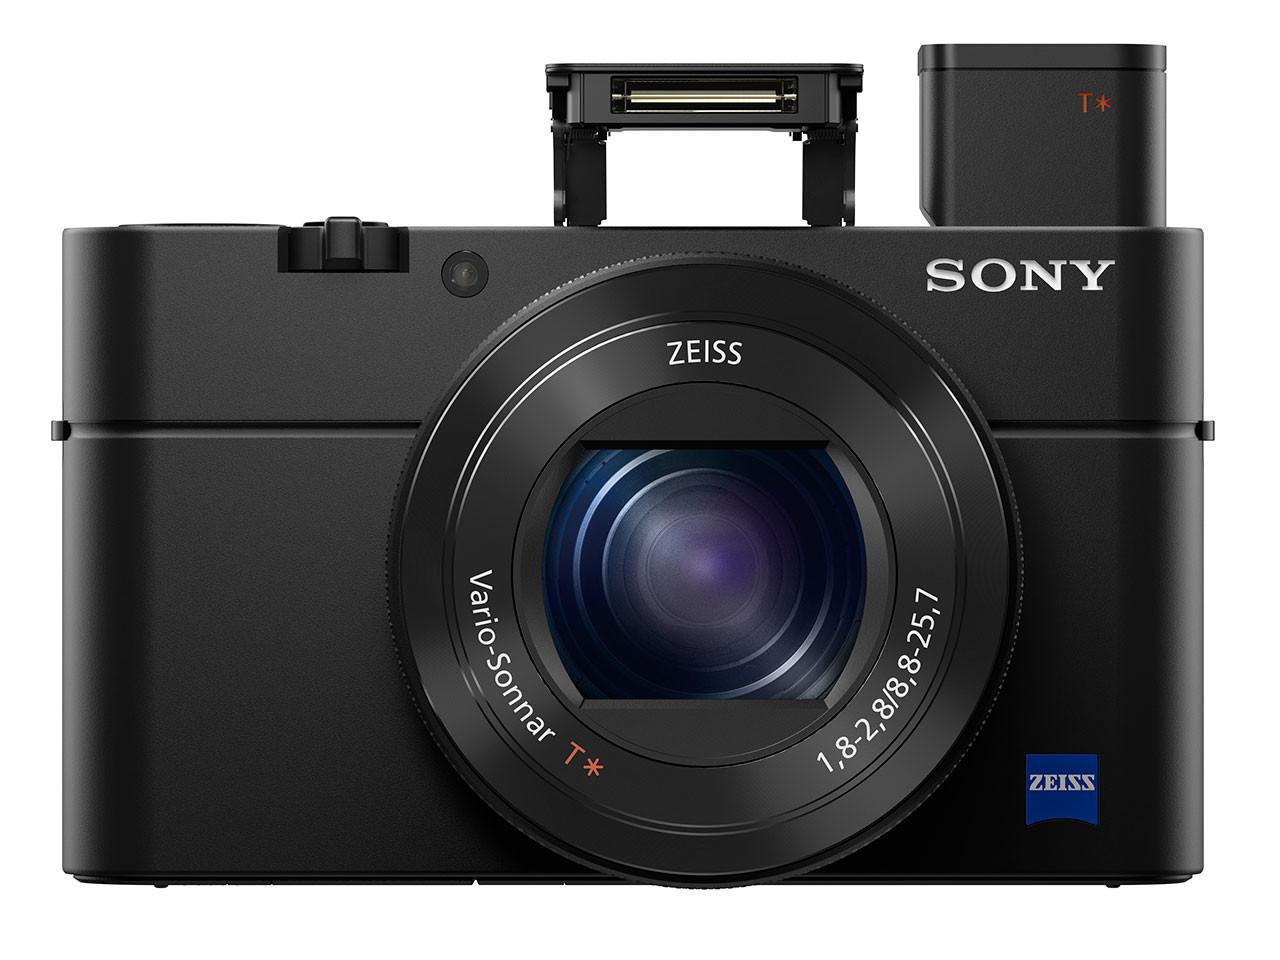 是Sony隨身機王者RX100系推出第四彈,採用全新感光元件並強化前代機能規格這篇文章的首圖